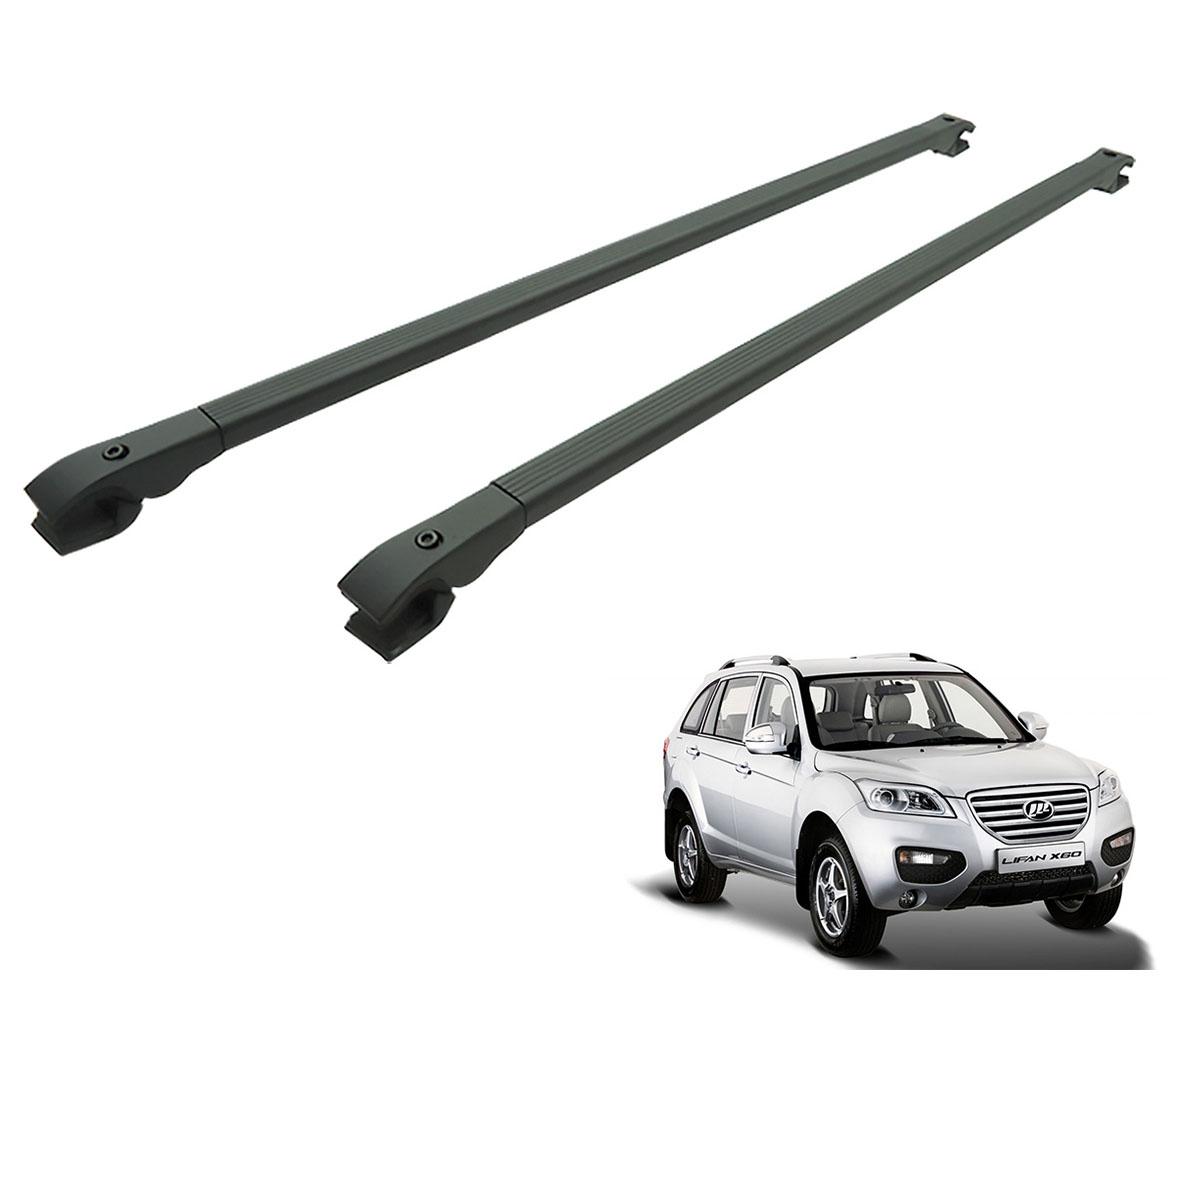 Travessa rack de teto alumínio preta Lifan X60 2013 a 2016